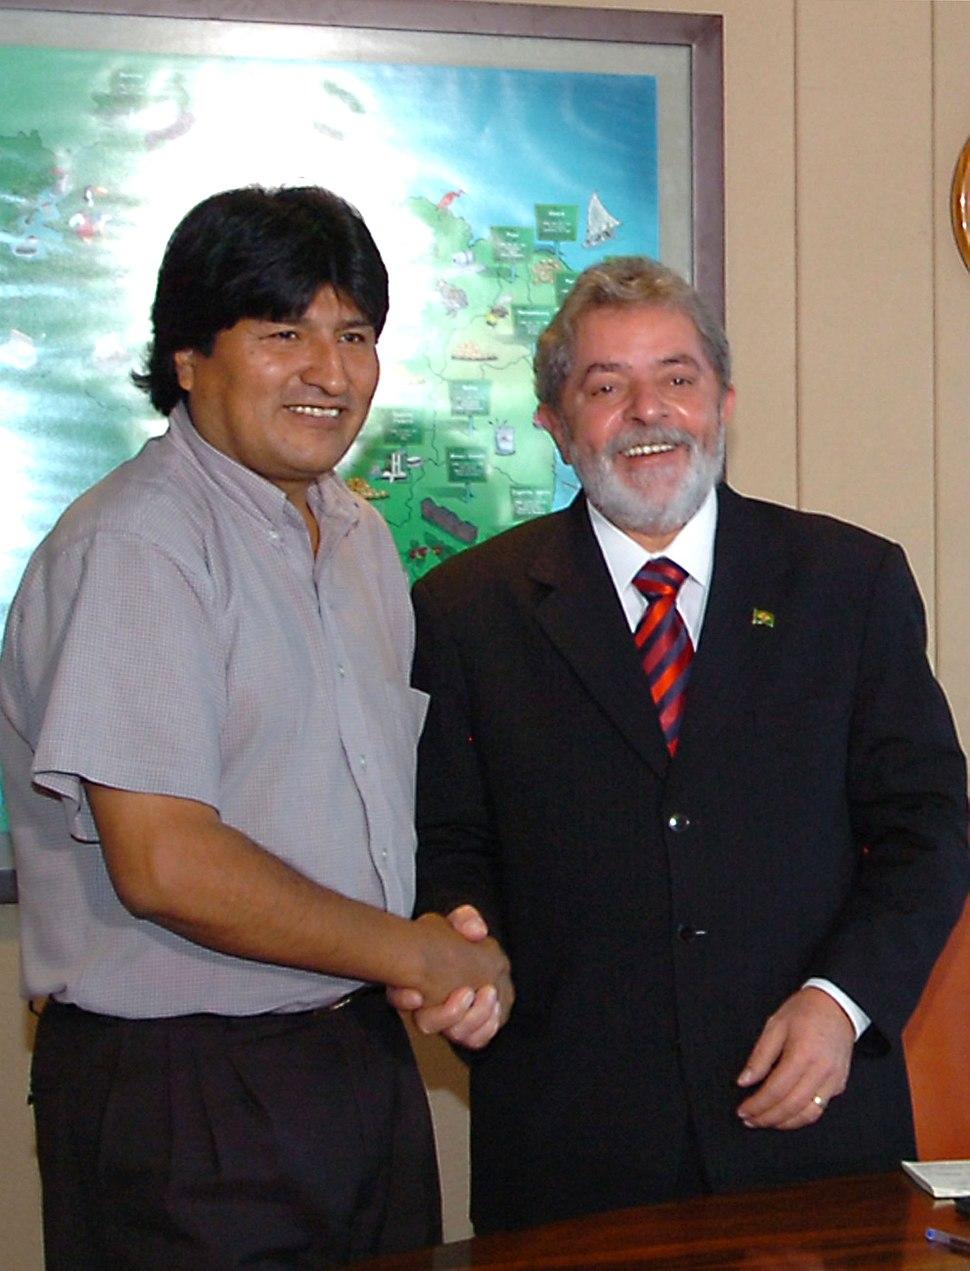 Moraleslula 20060113 02